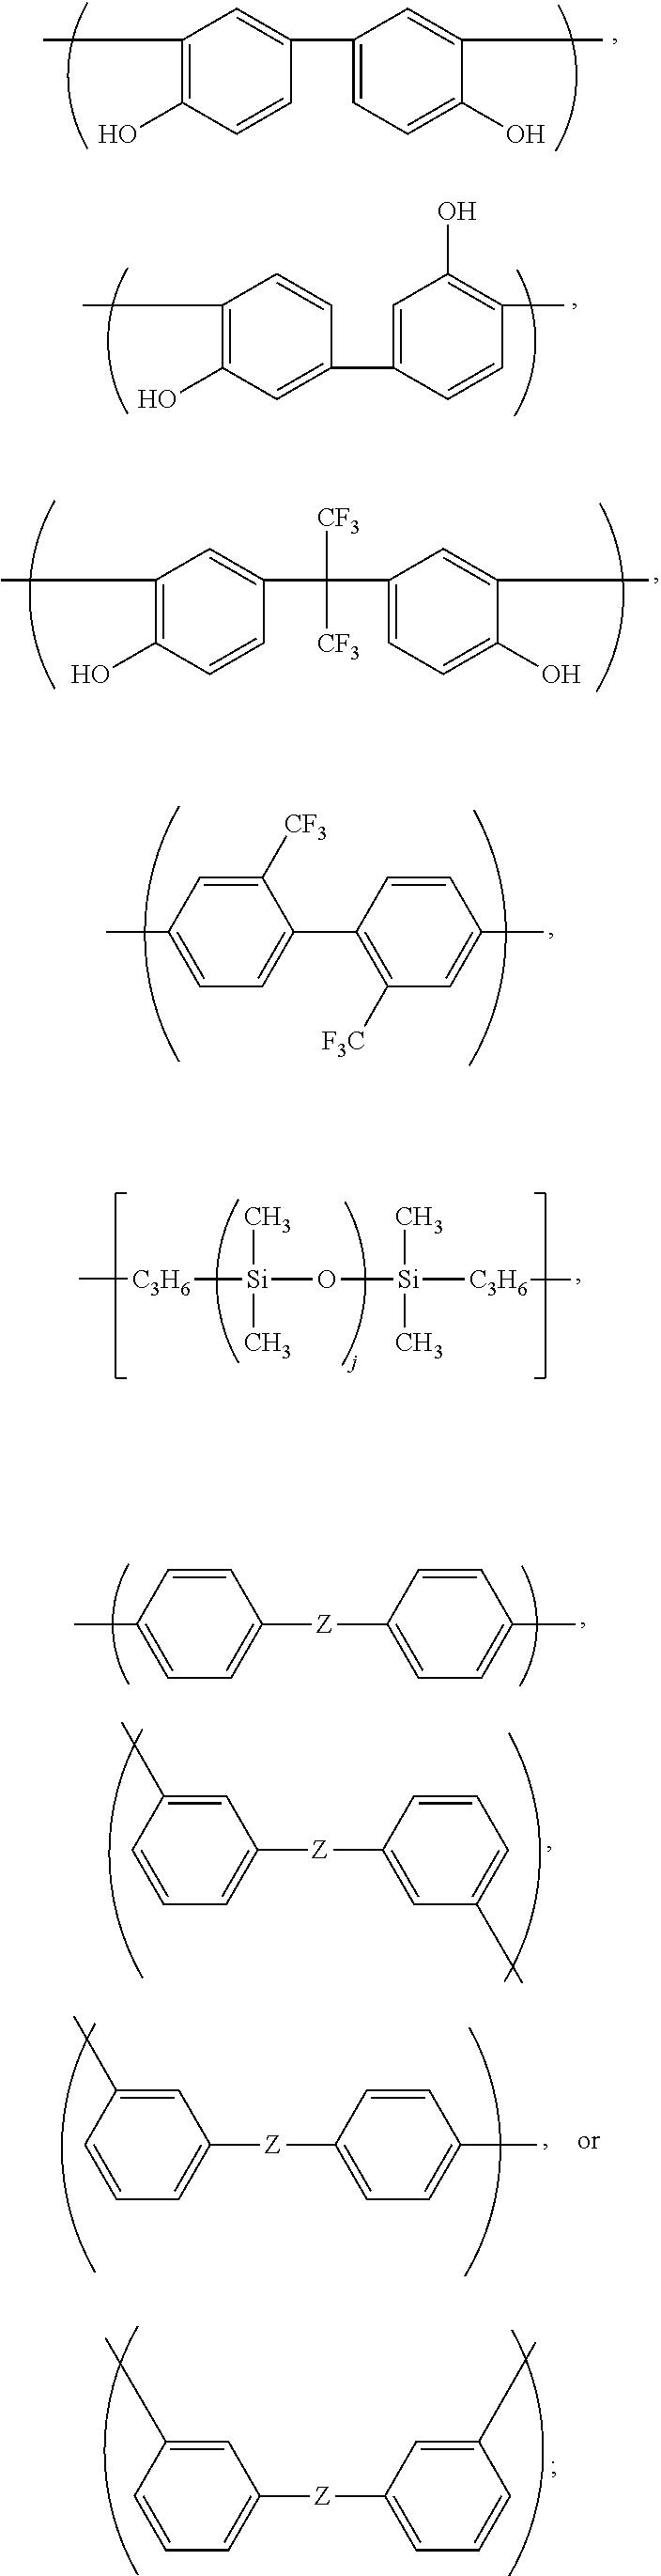 Figure US09477148-20161025-C00009